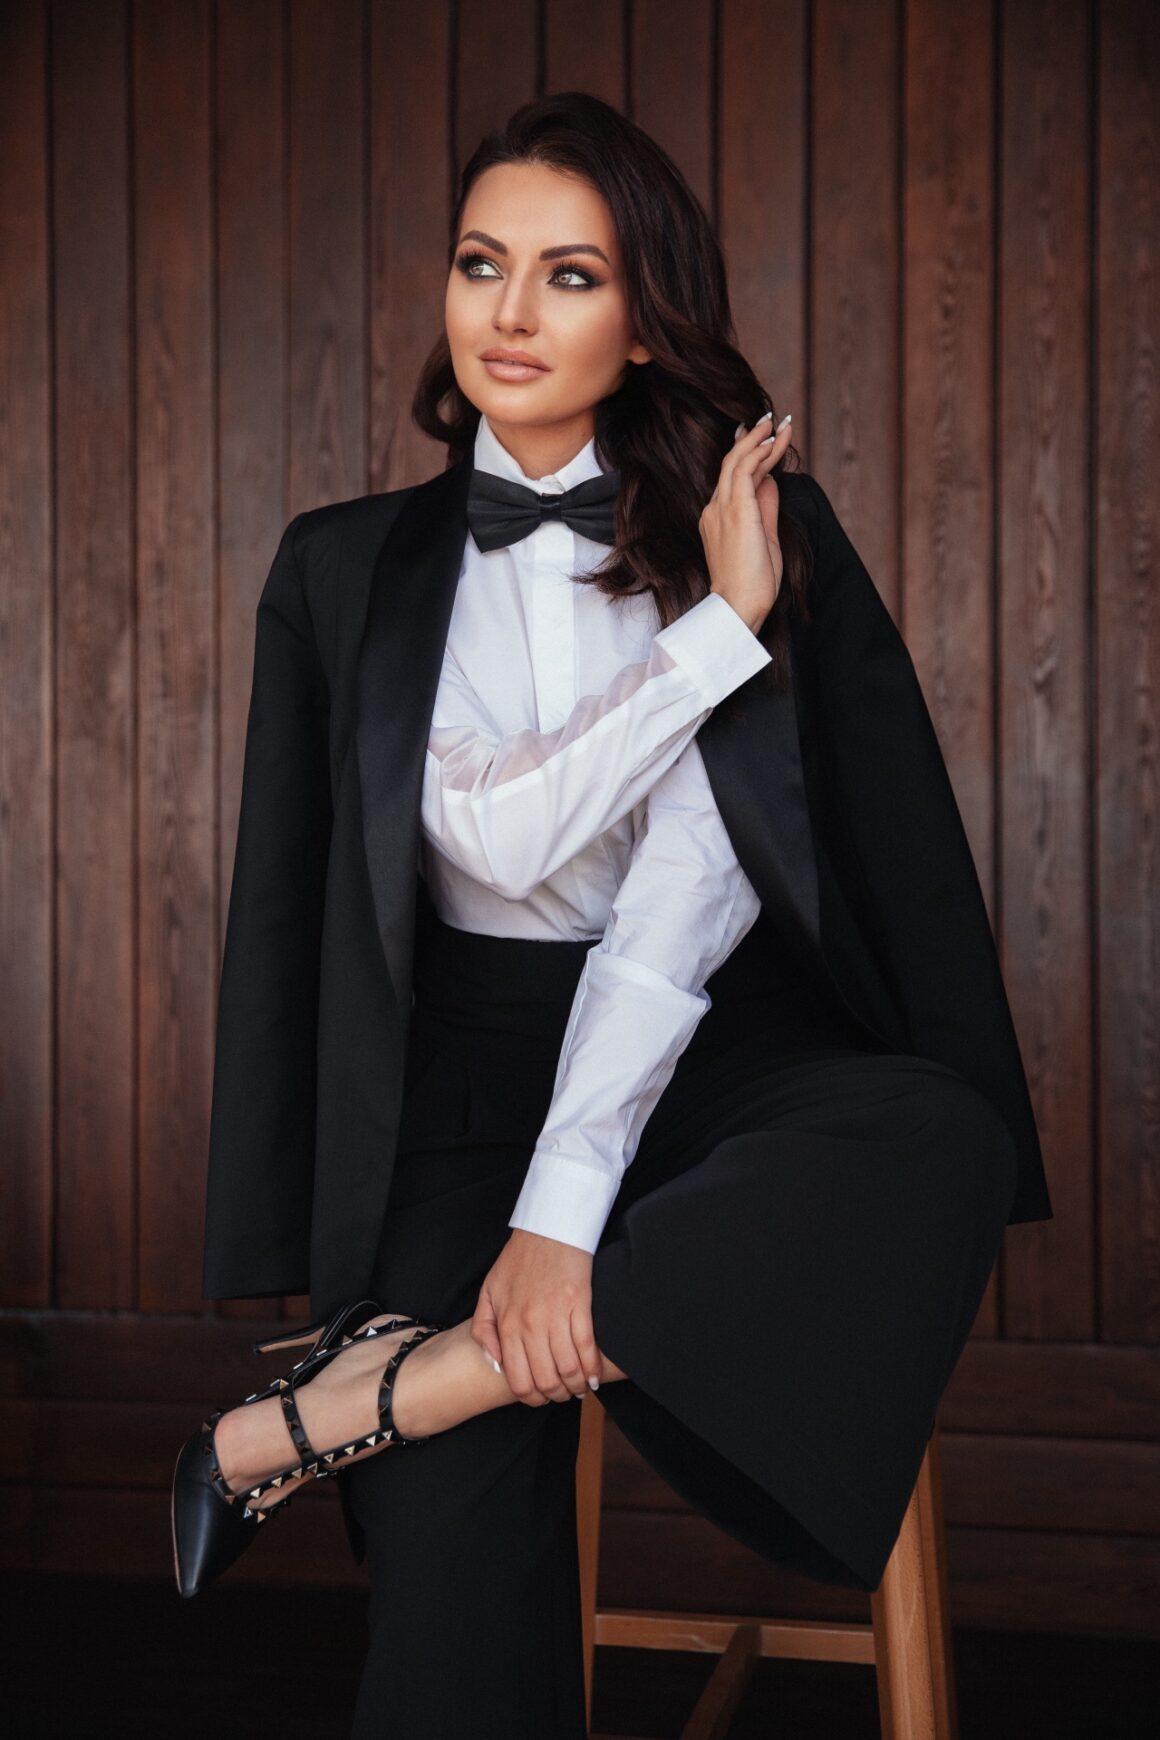 Alina Dyachenko